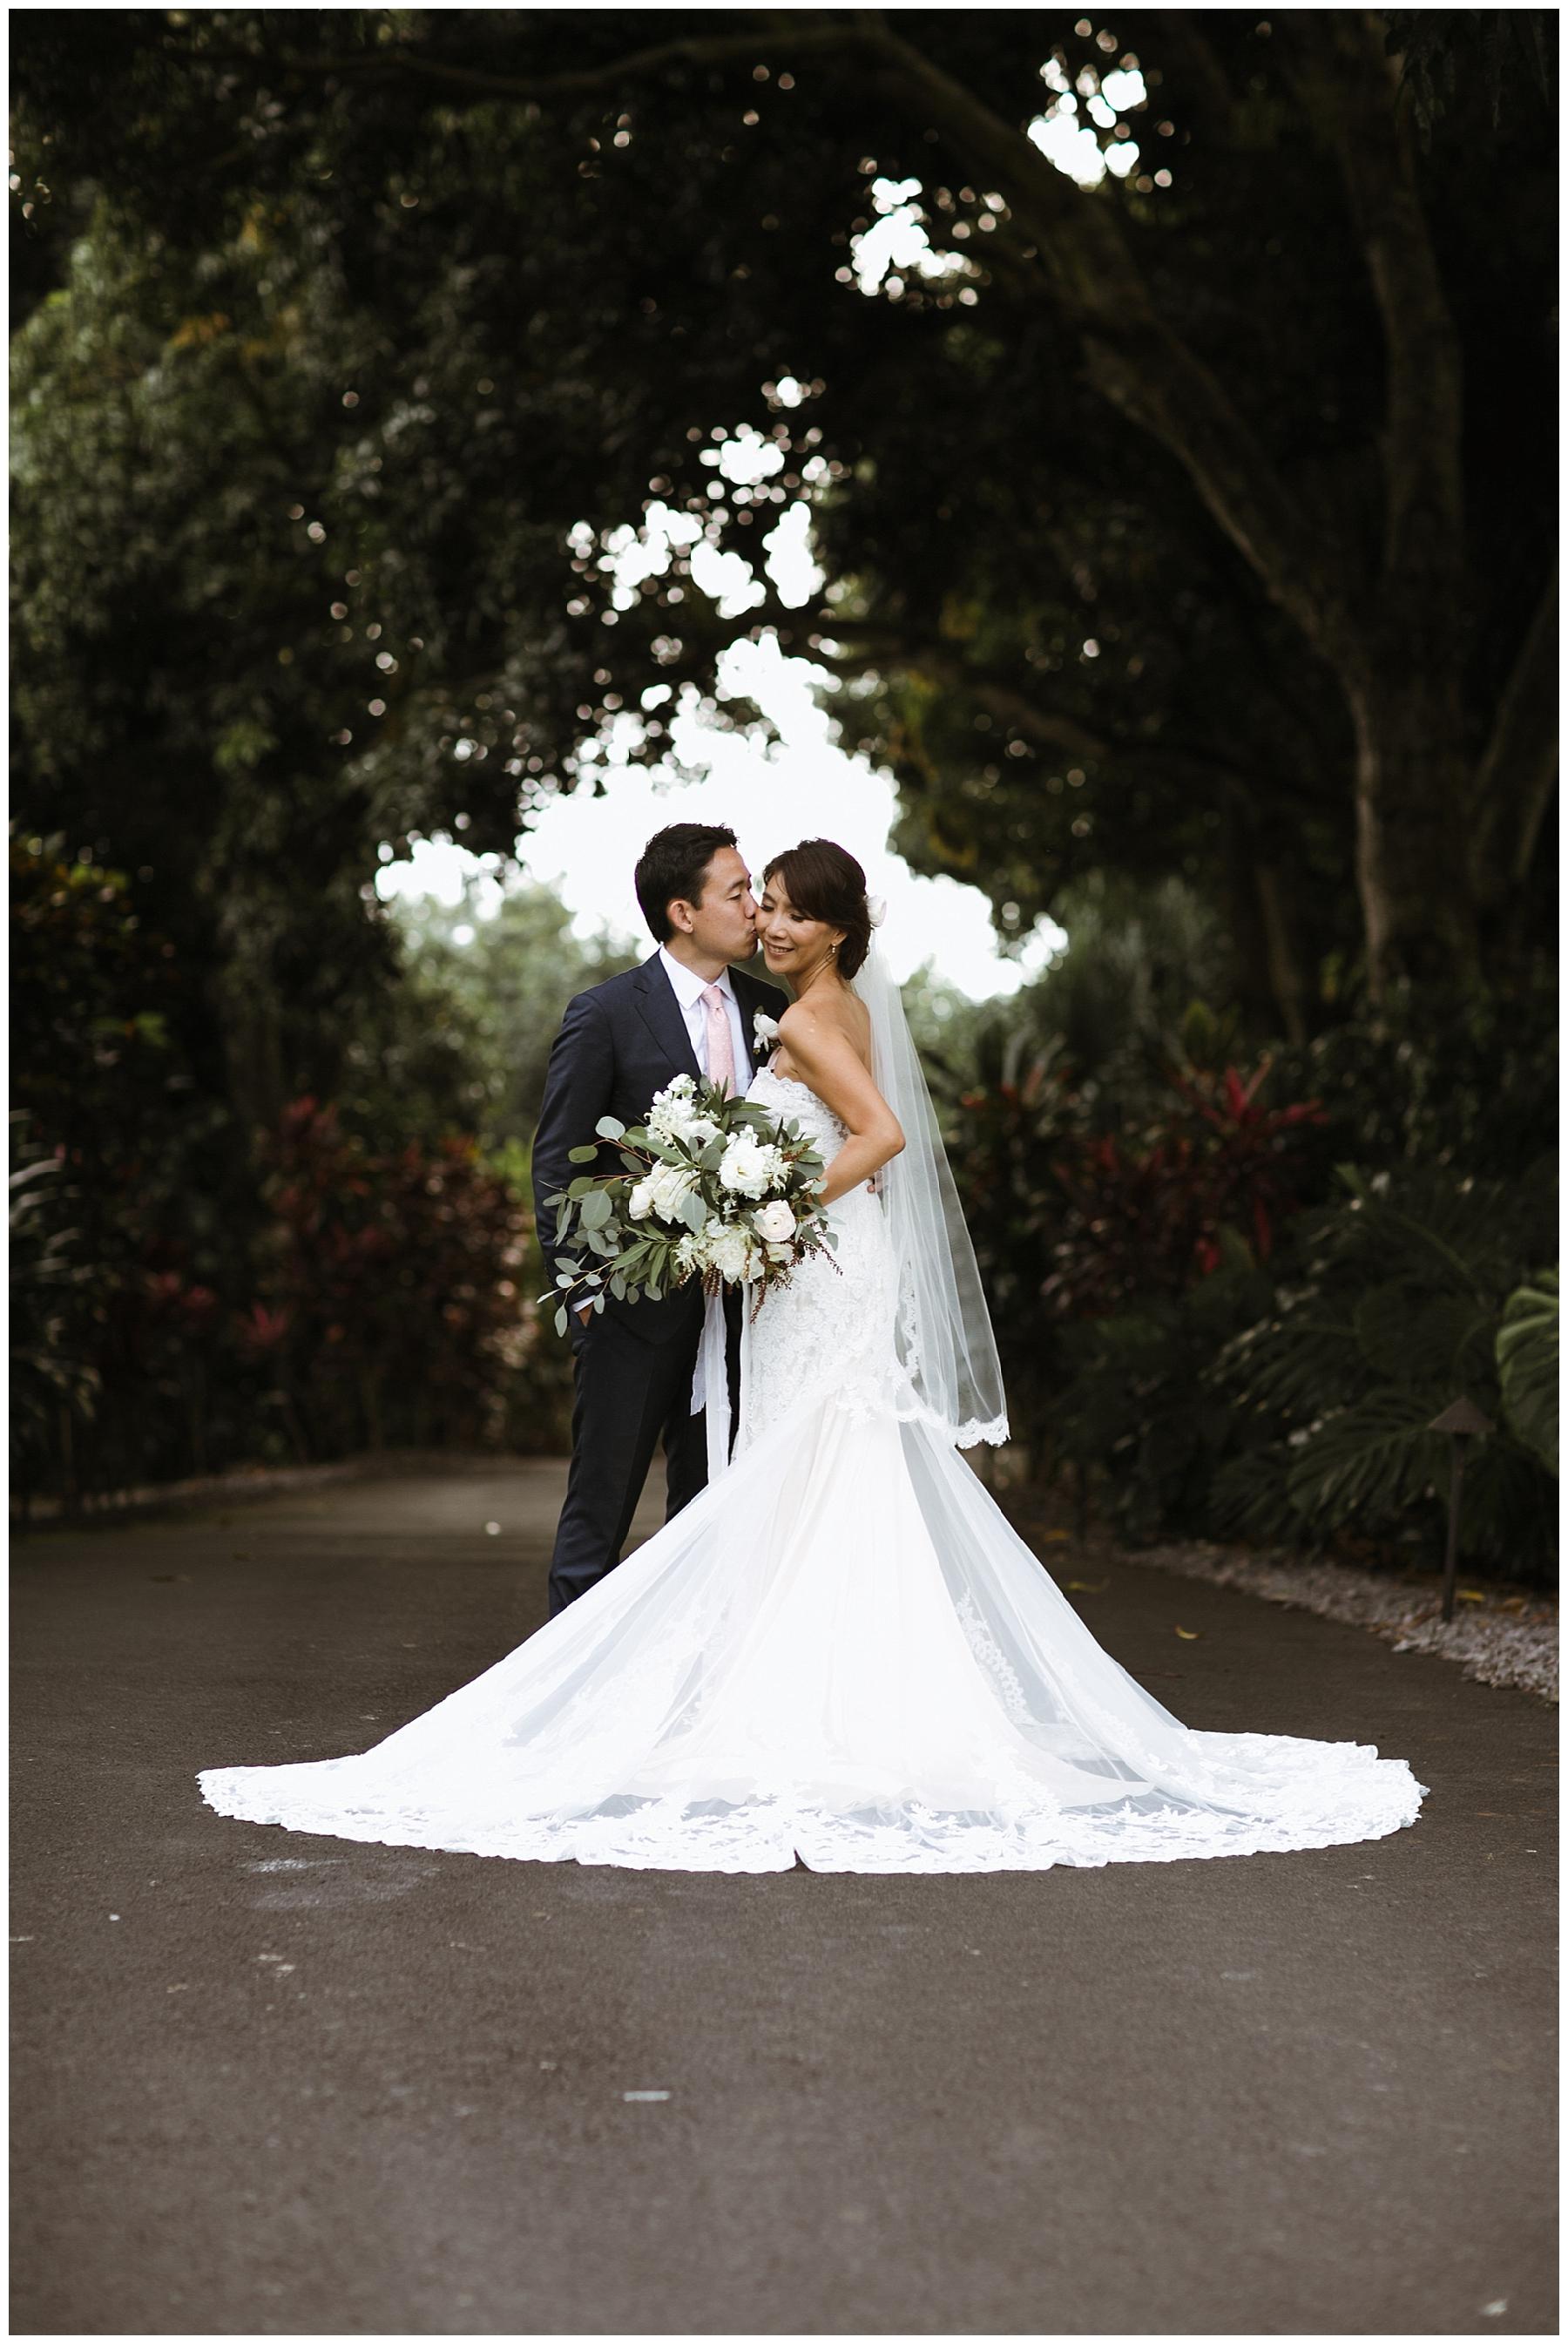 Bliss in Bloom Kailua Kona Hawaii Wedding Event Coordination_0069.jpg